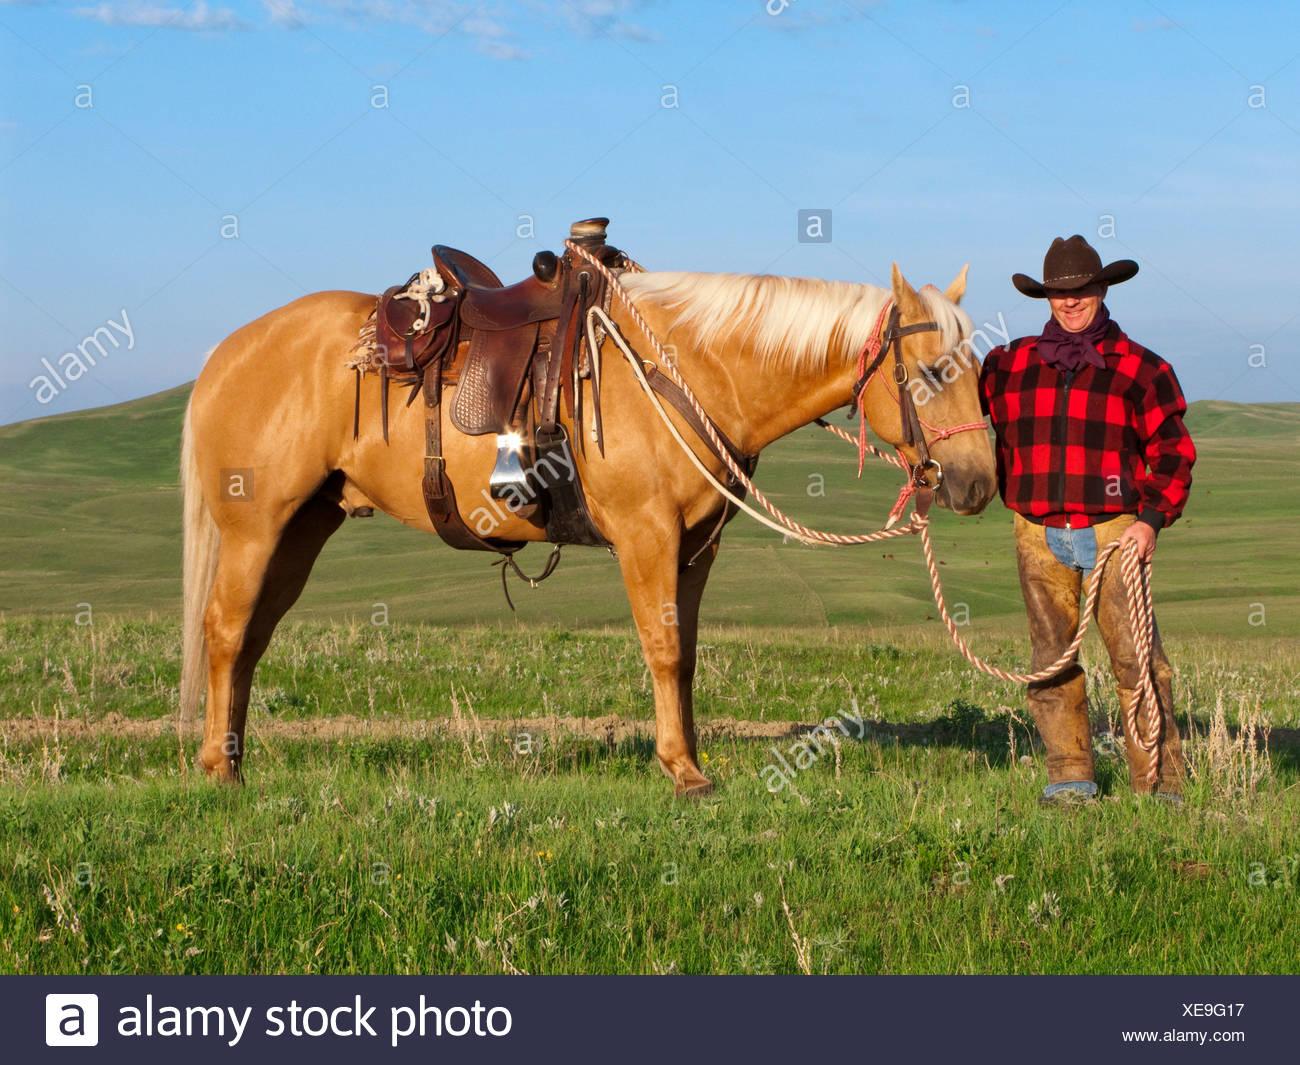 Ganadería - un vaquero posa con su caballo en una pradera verde / de Alberta, Canadá. Foto de stock